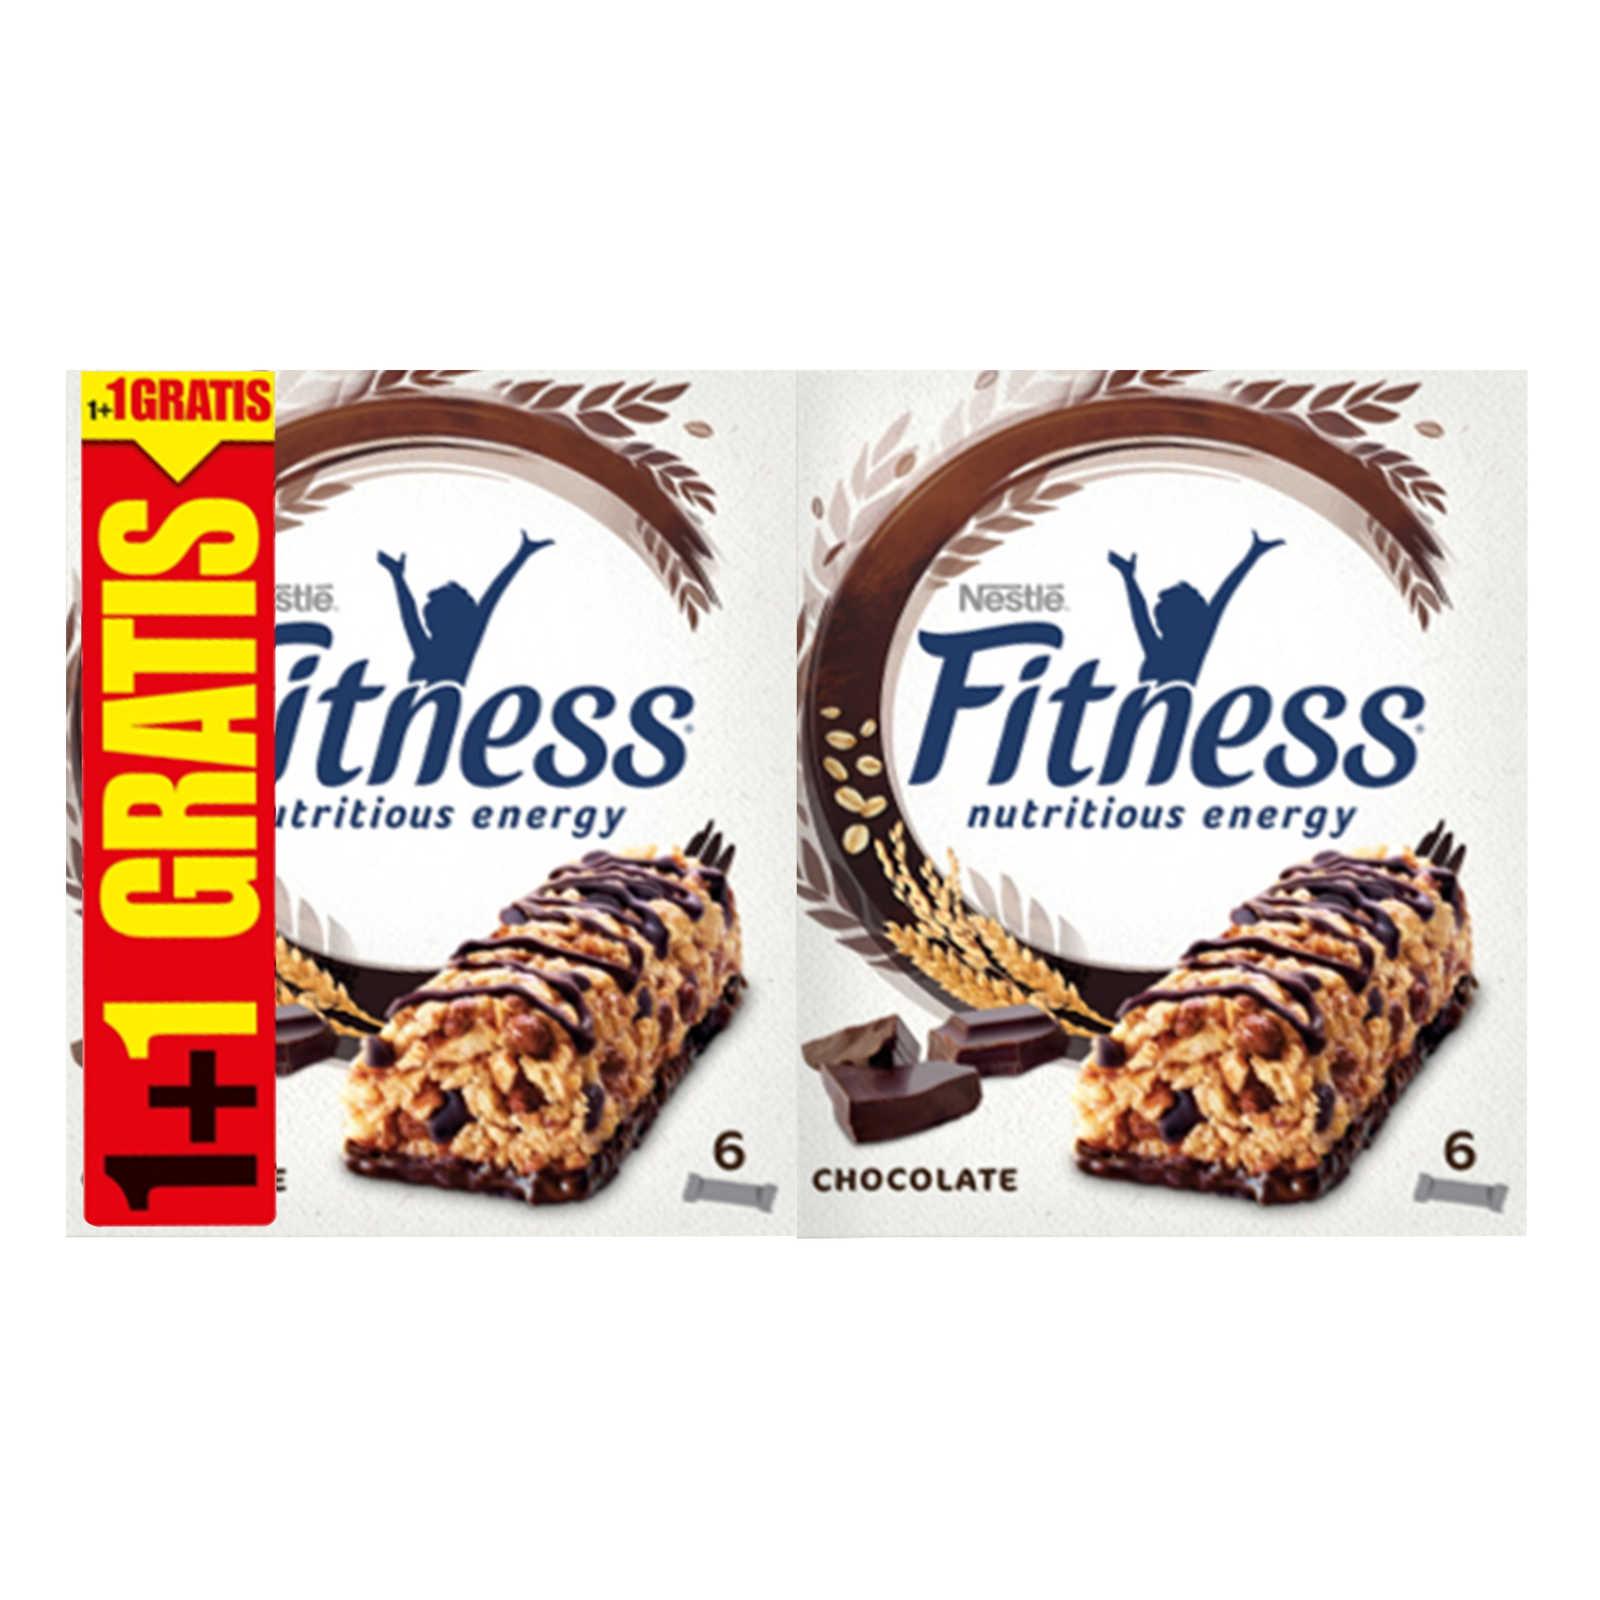 Nestlé-Fitness